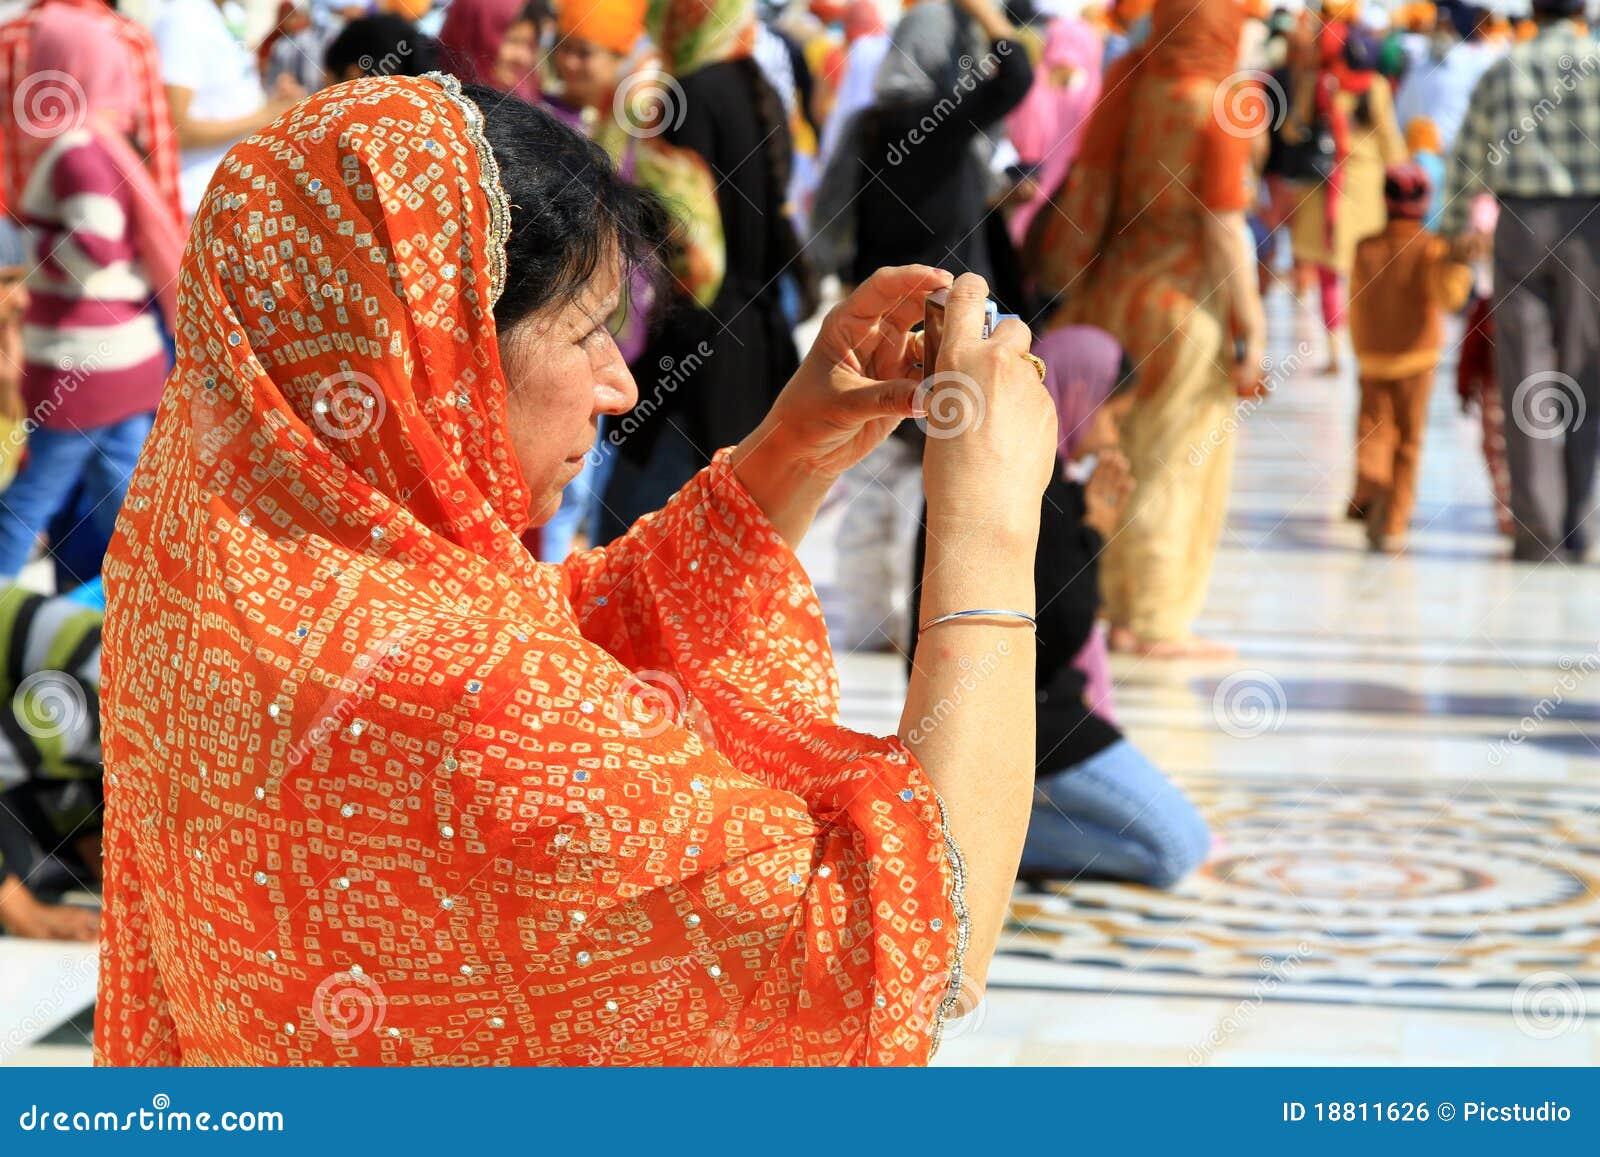 Frauen touristisch